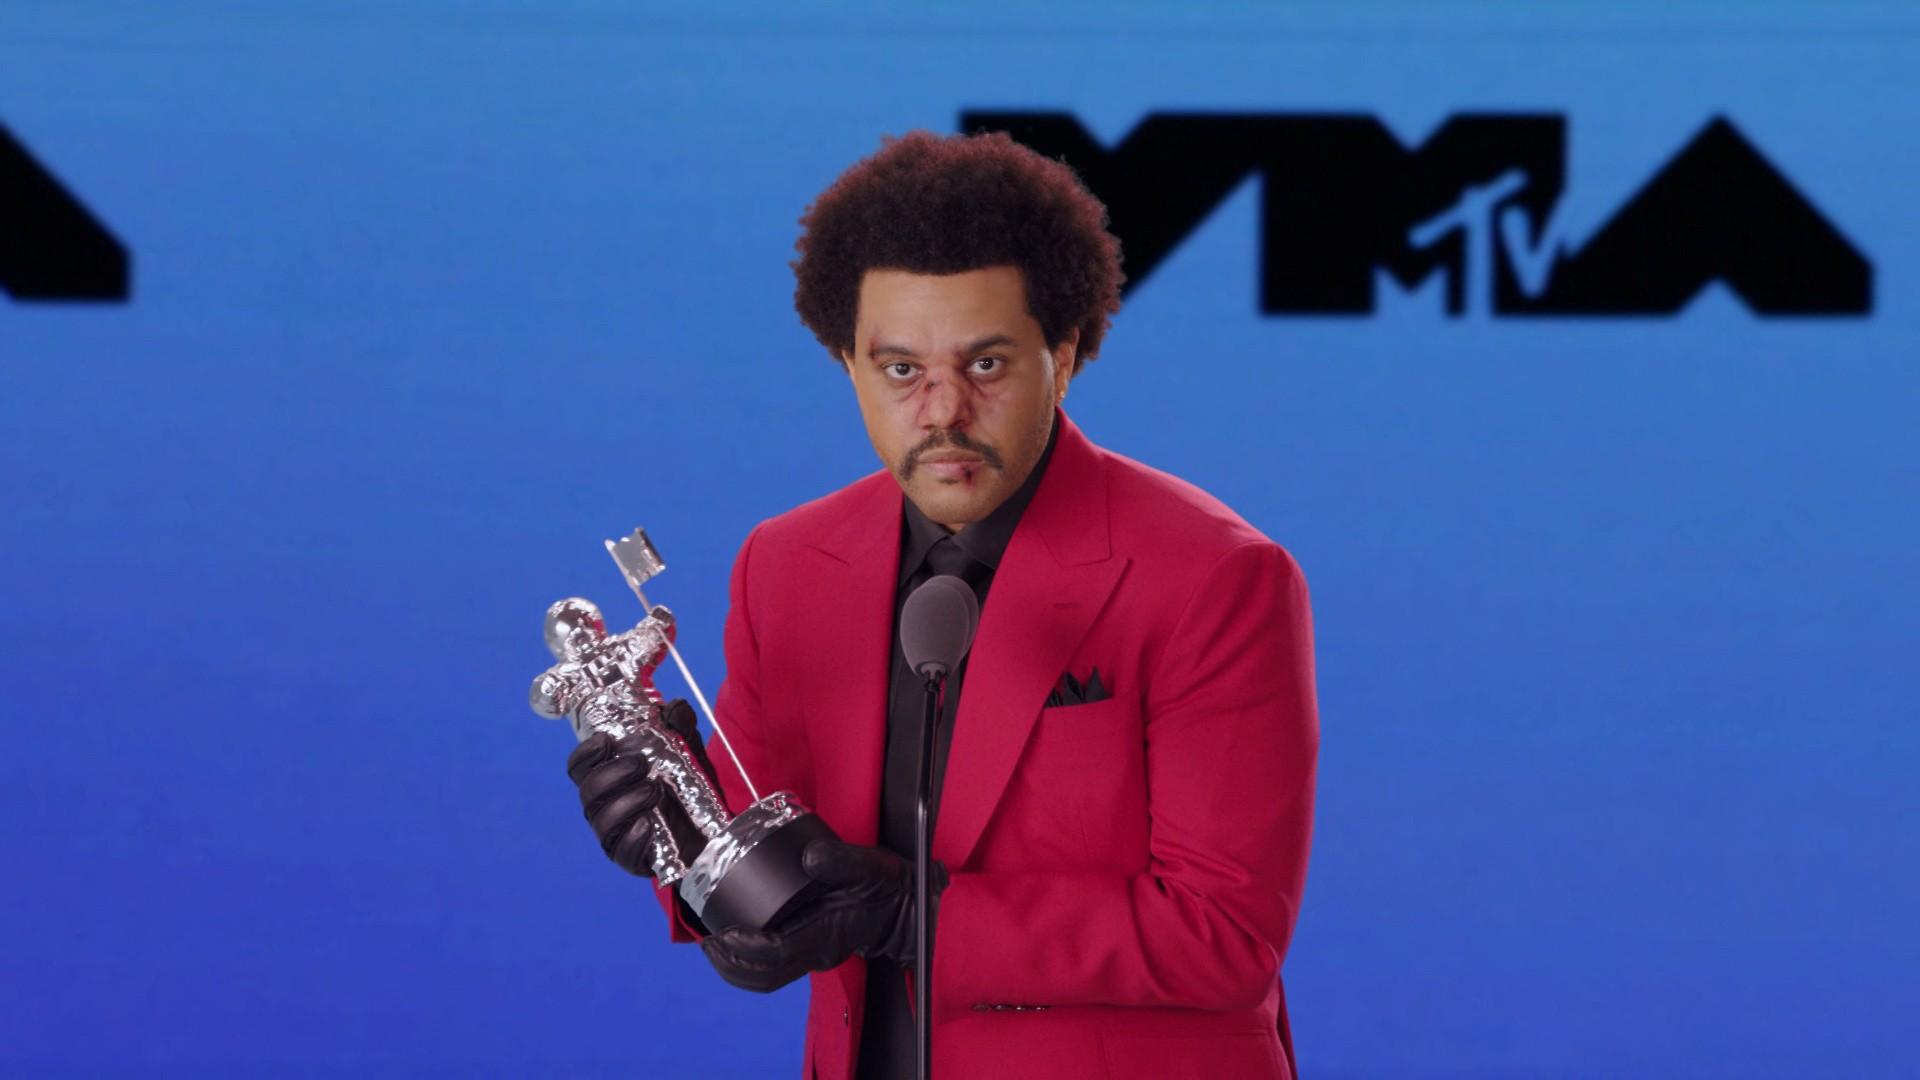 Drake e Elton John manifestam apoio a The Weeknd após artista ficar de fora do Grammy e chamar organização de corrupta